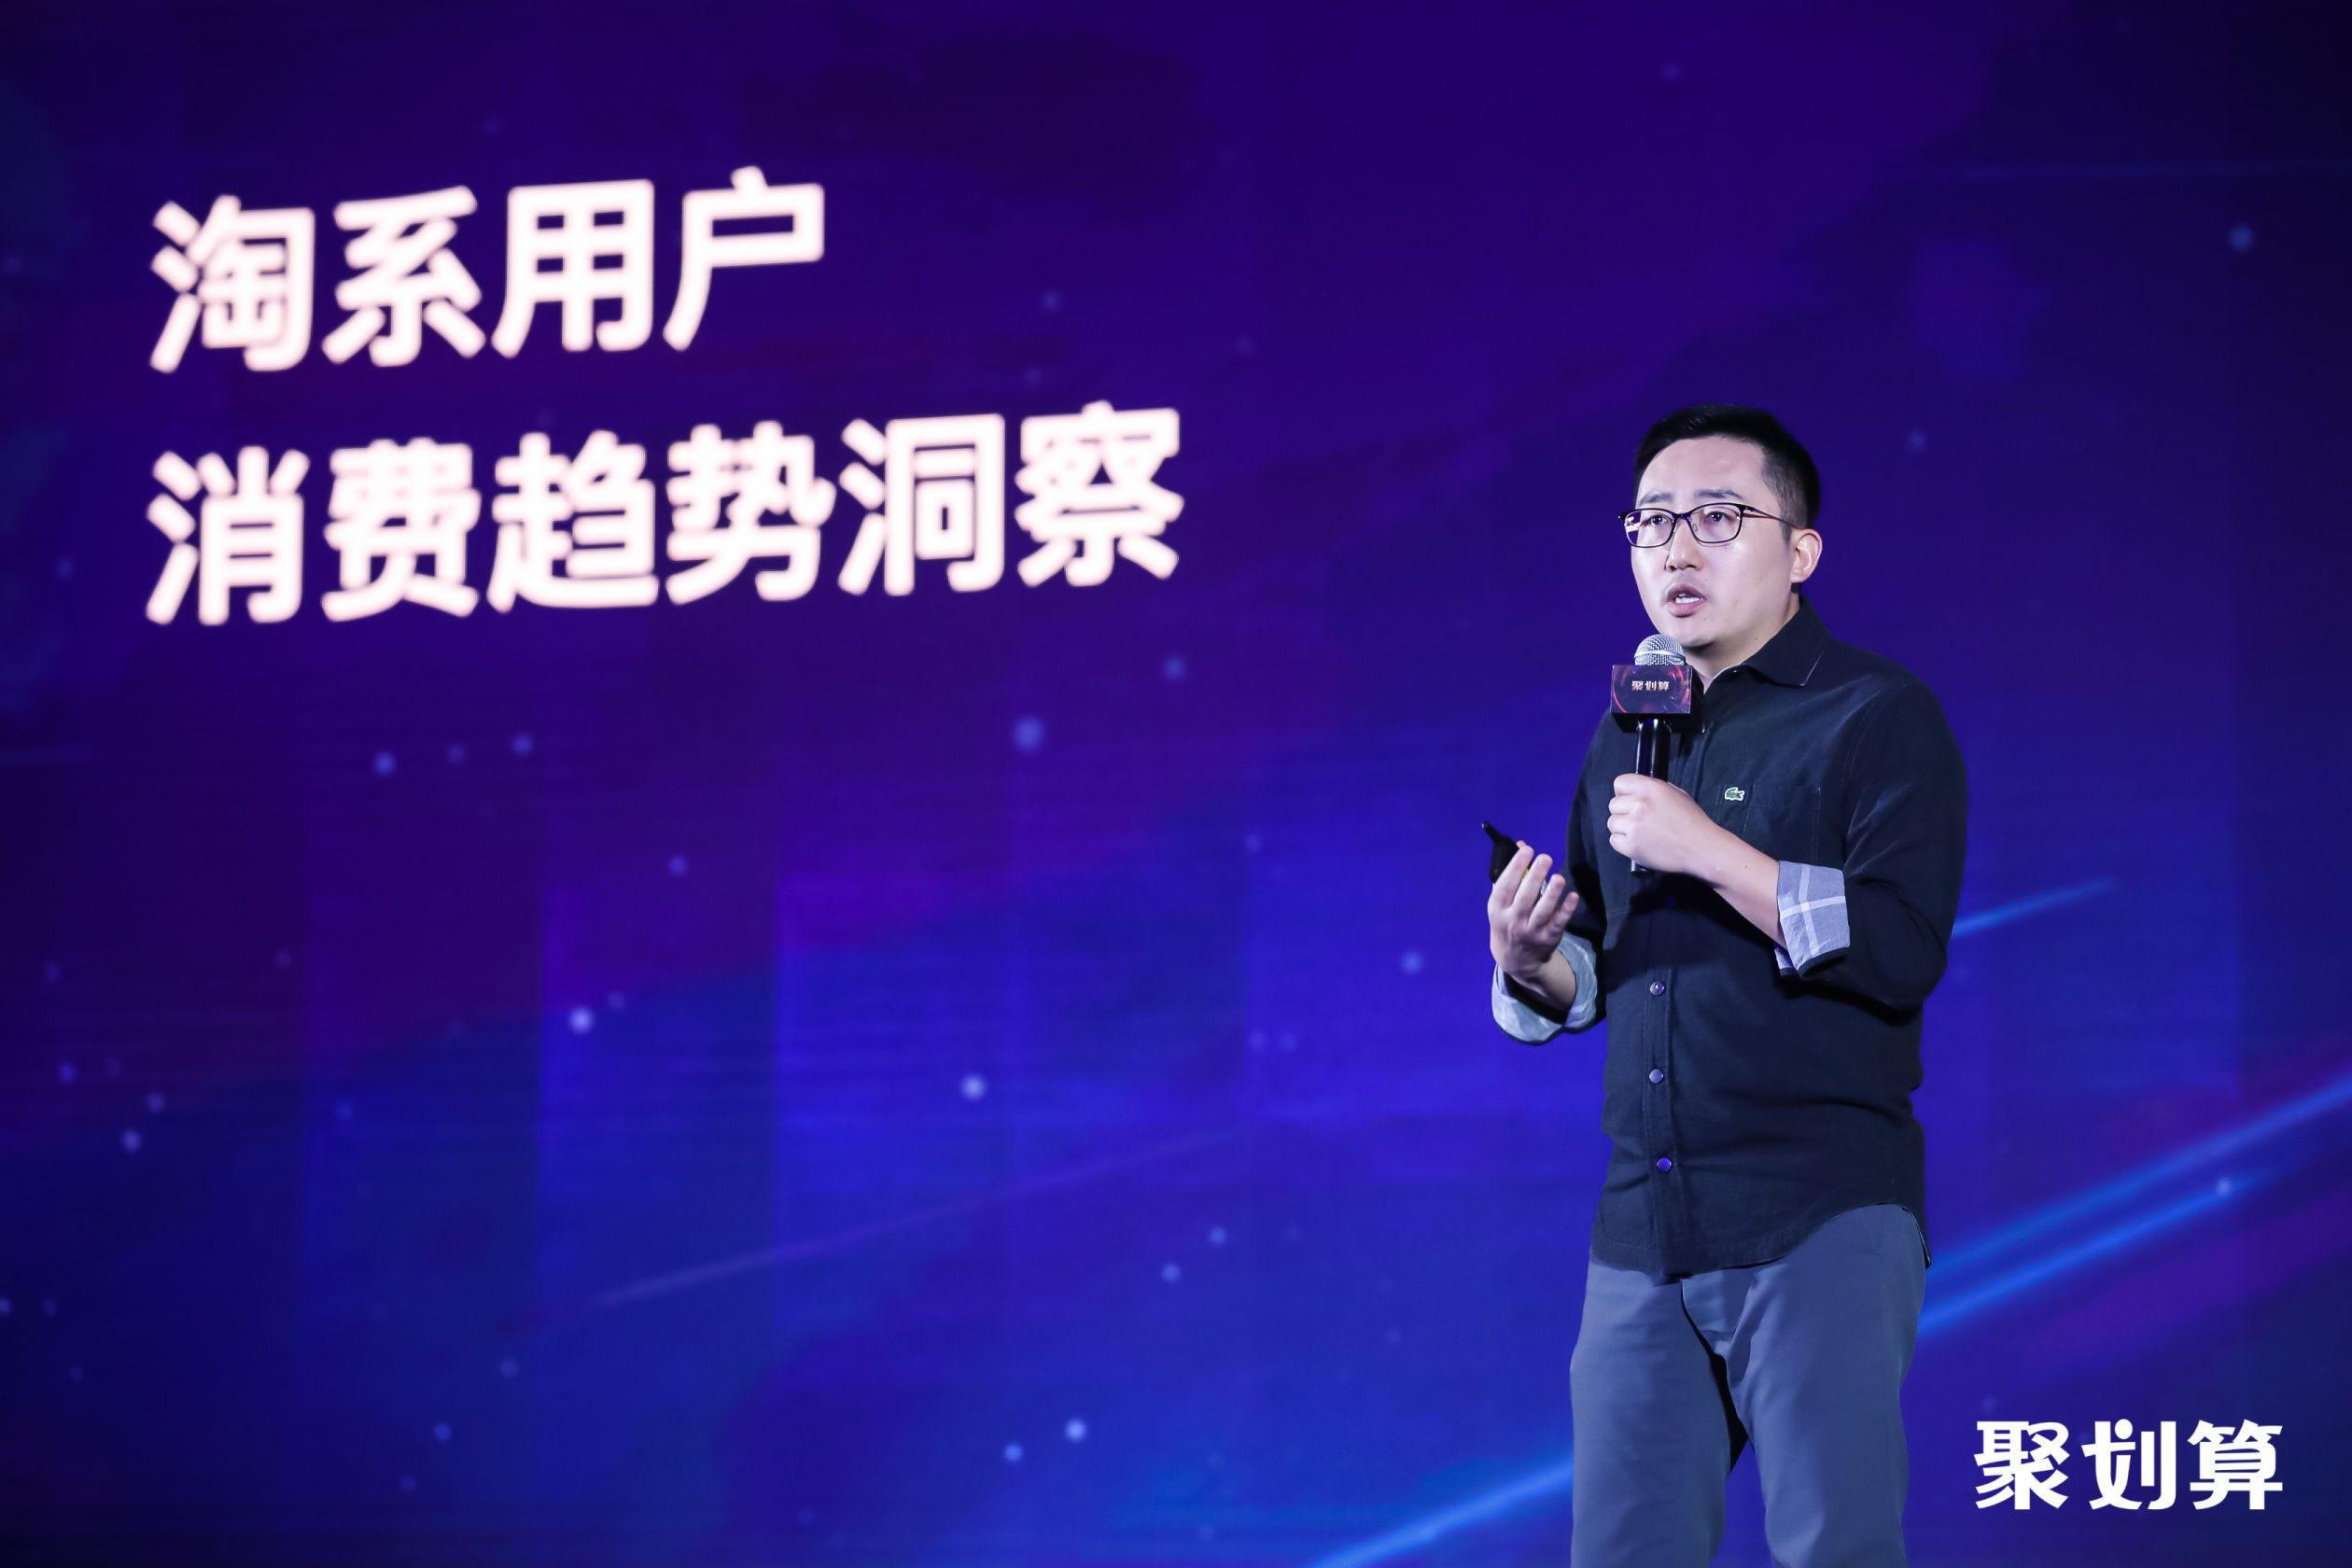 阿里巴巴营销平台事业部总经理刘博